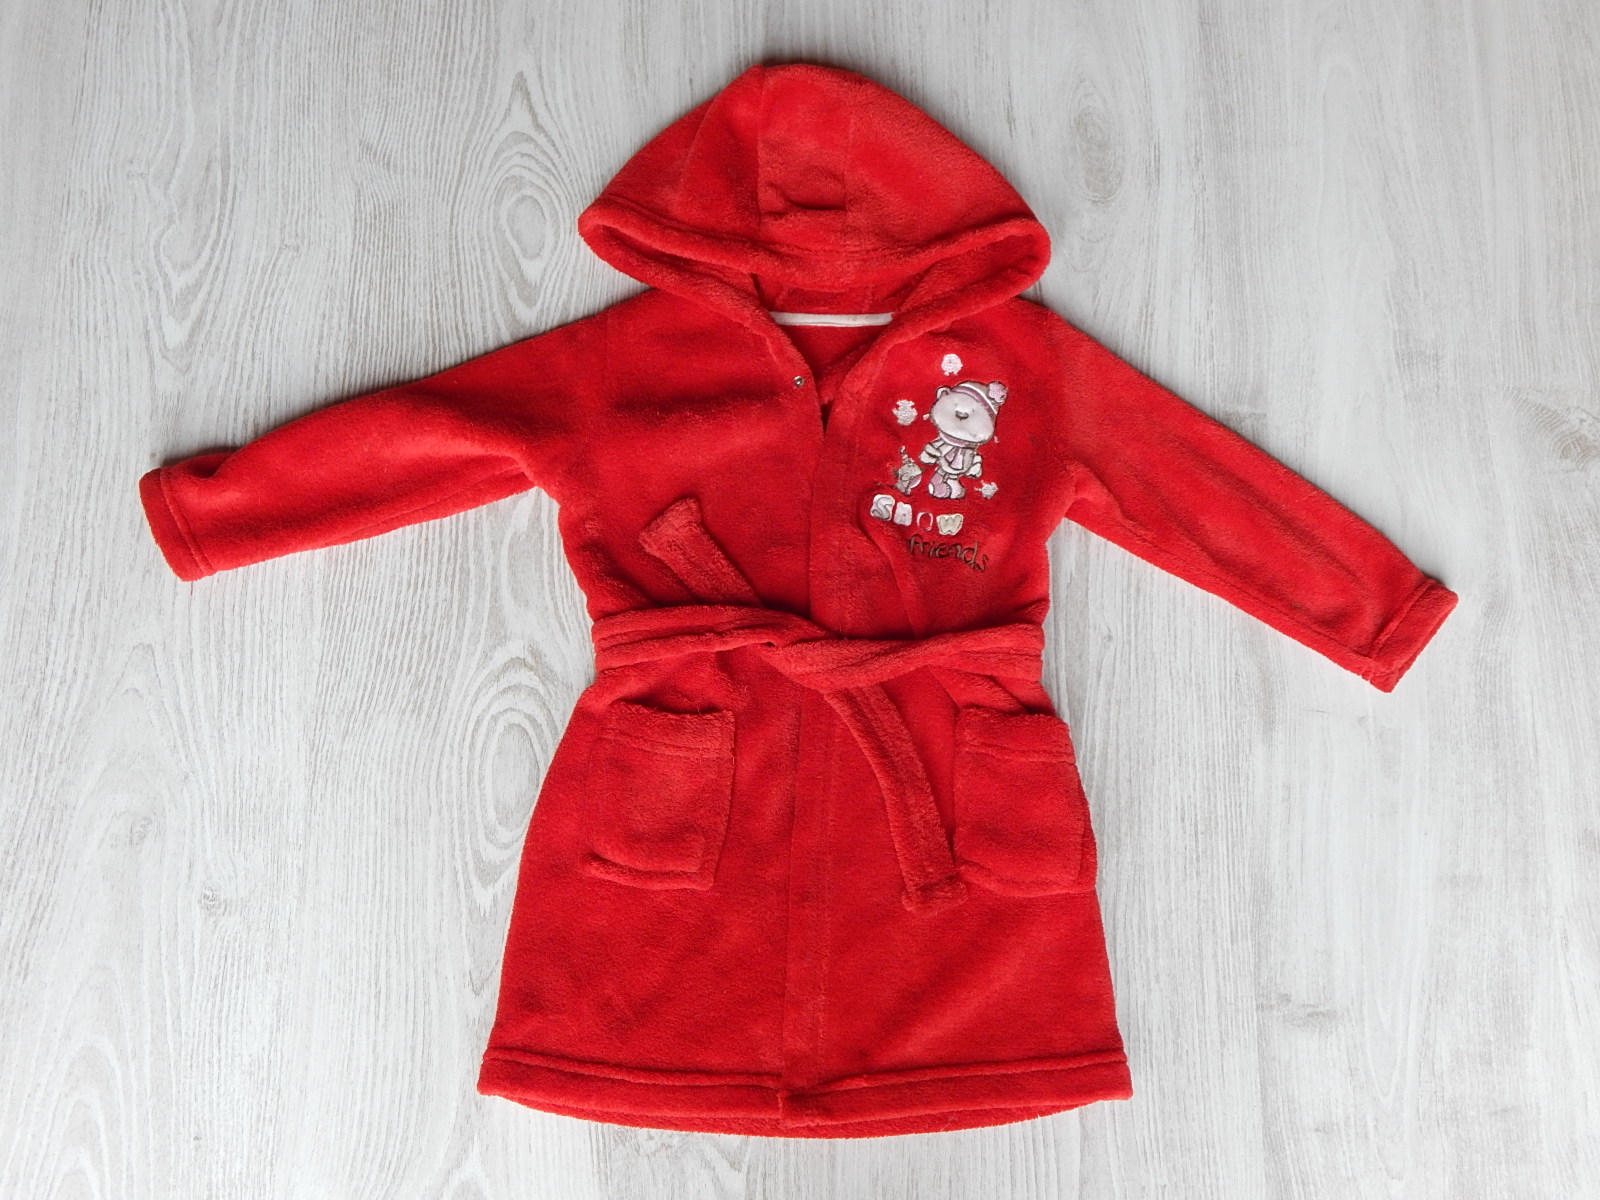 723ac4df00 Piros puha köntös [92 (18-24 hó) / Lány ruhák] :: Lótusz Gyerekruha ...